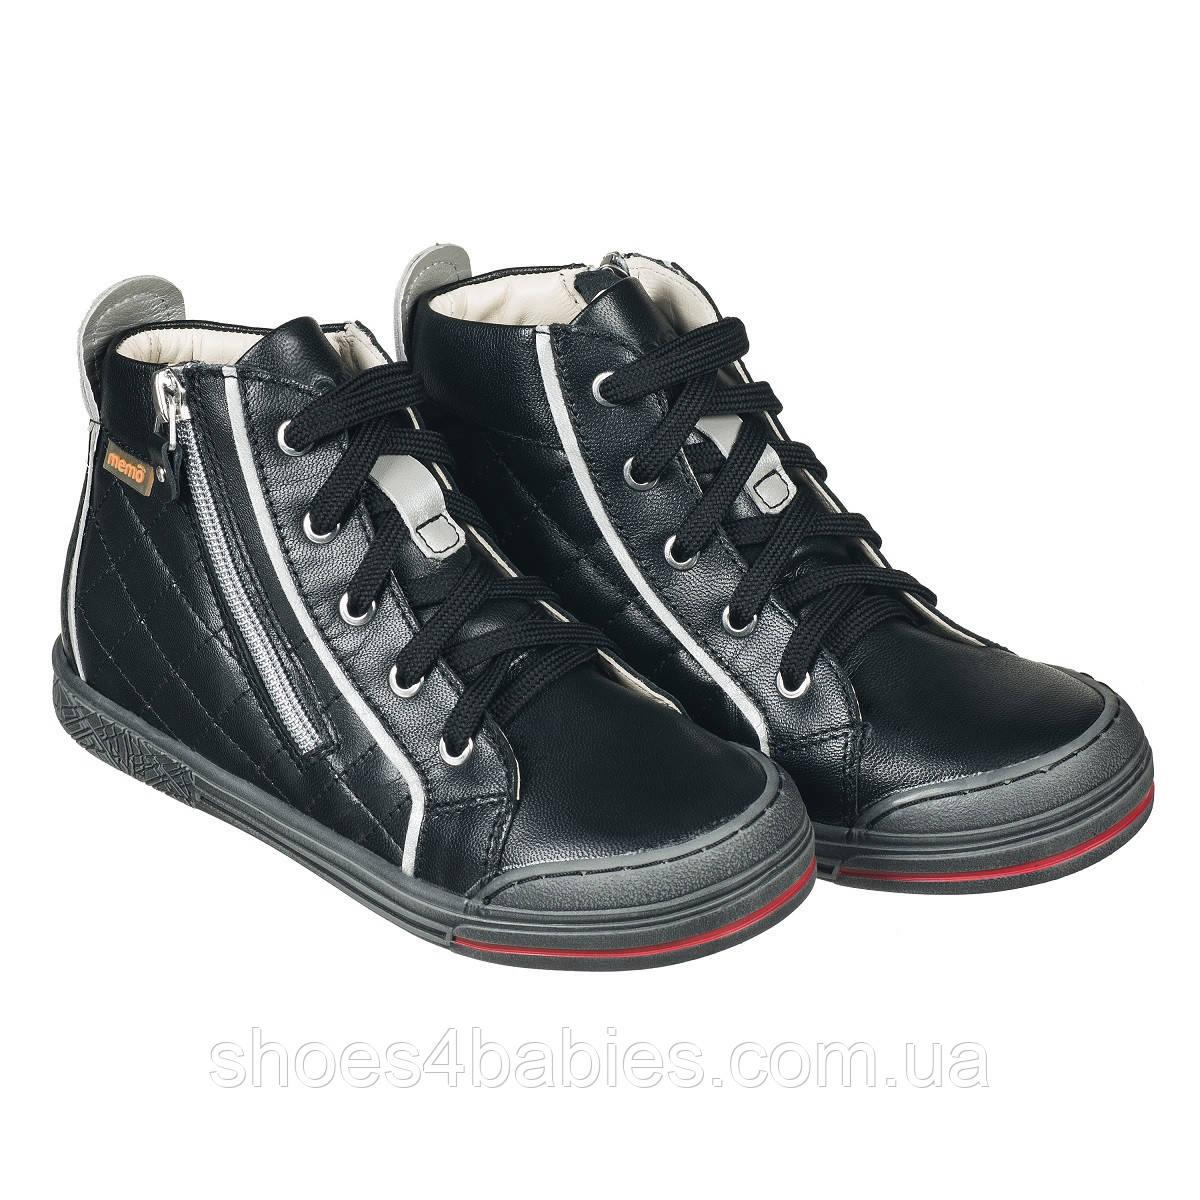 Memo New York 3LA Черные - Ортопедические кроссовки для детей (р.26-38) - Urban Classic 29